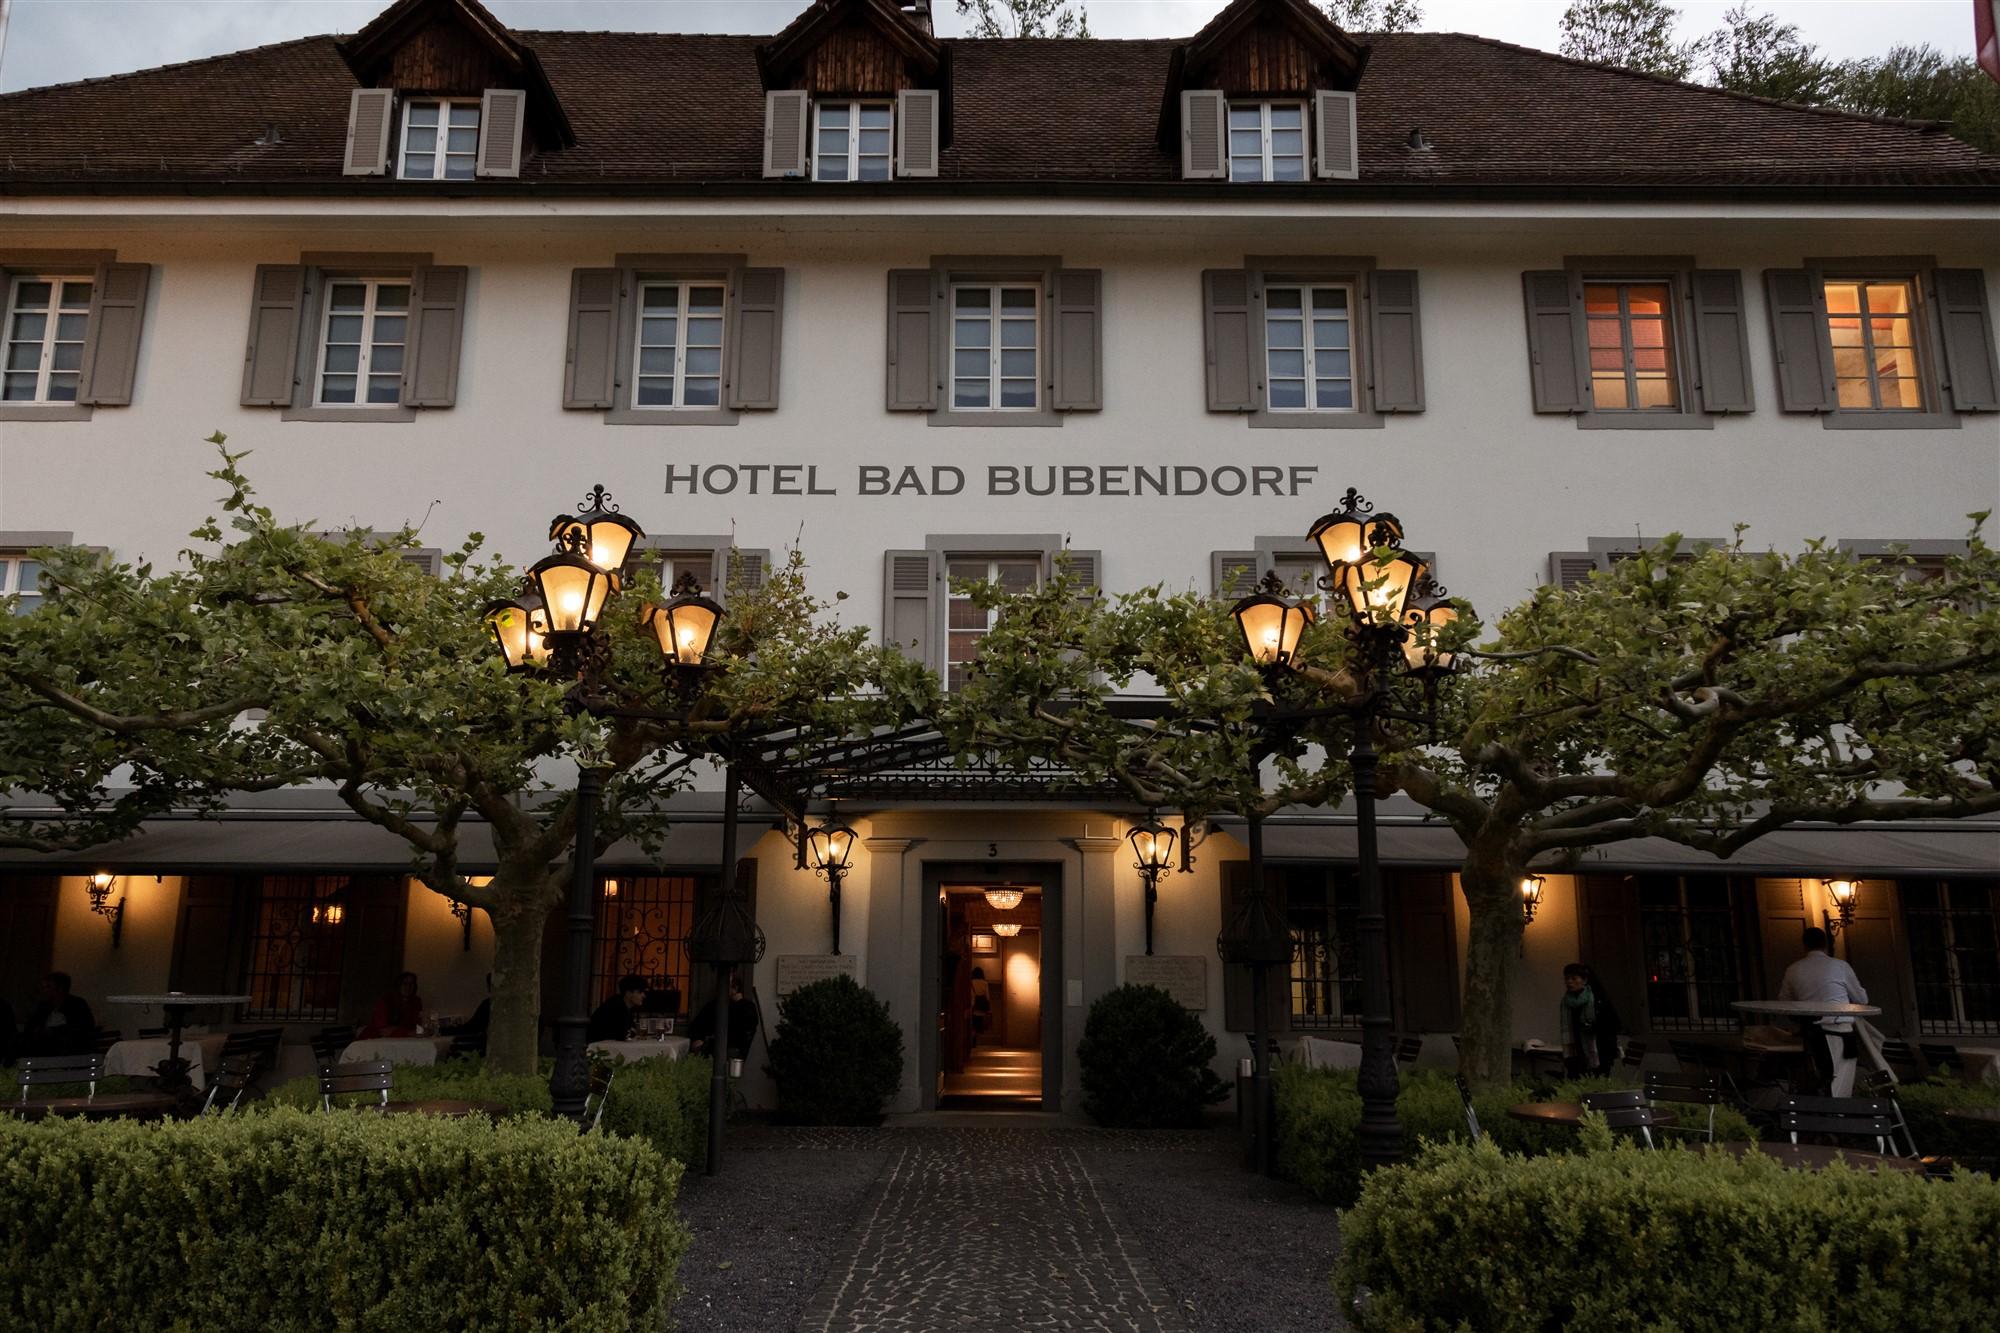 Hotel Bad Bubendorf - Hochzeit - Hochzeitsfotografin Baselland